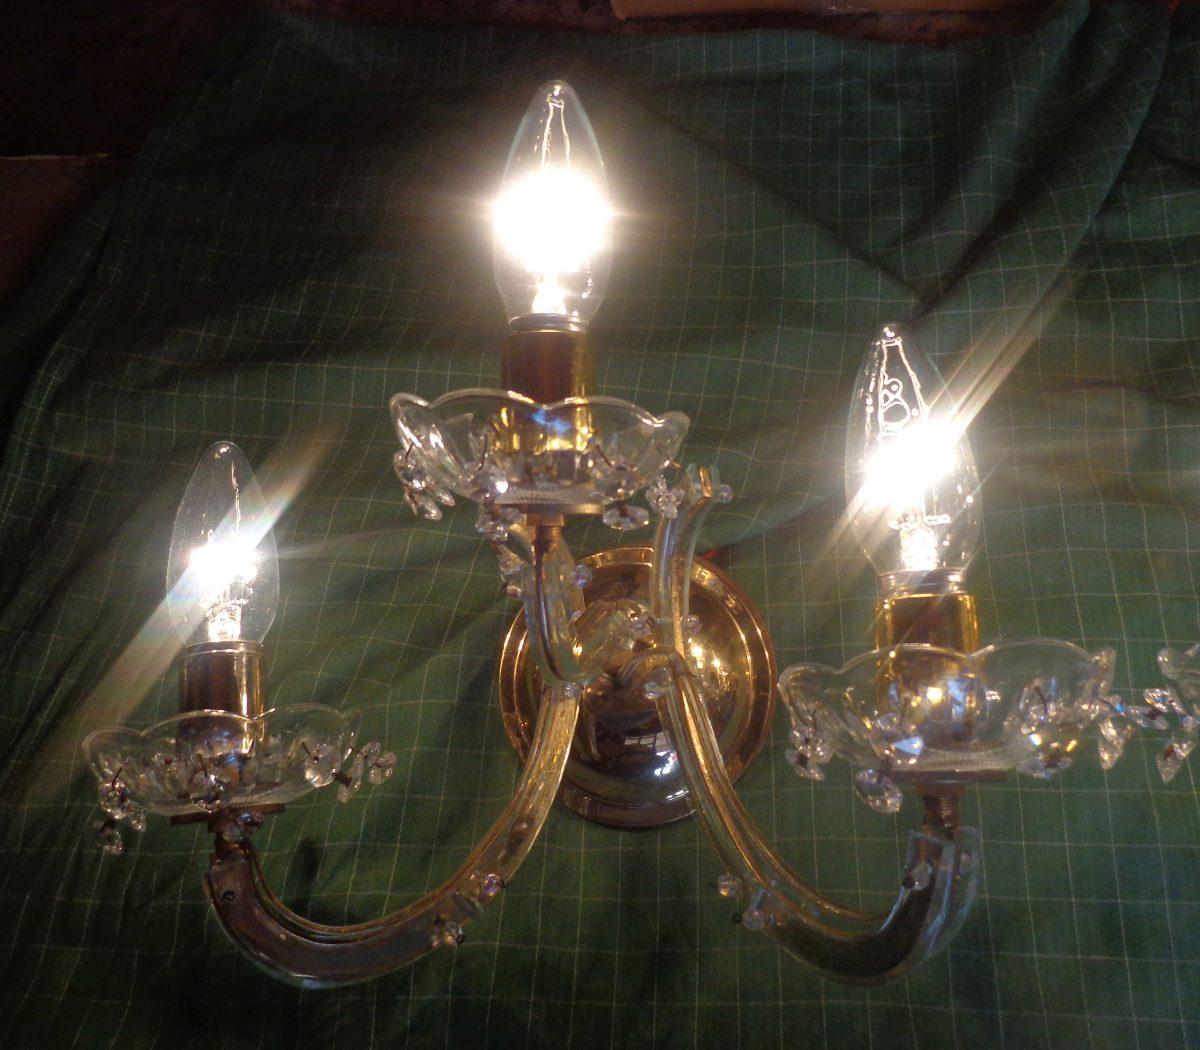 Lamparas tipo arbotantes antiguas en bronce y cristal - Lamparas cristal antiguas ...